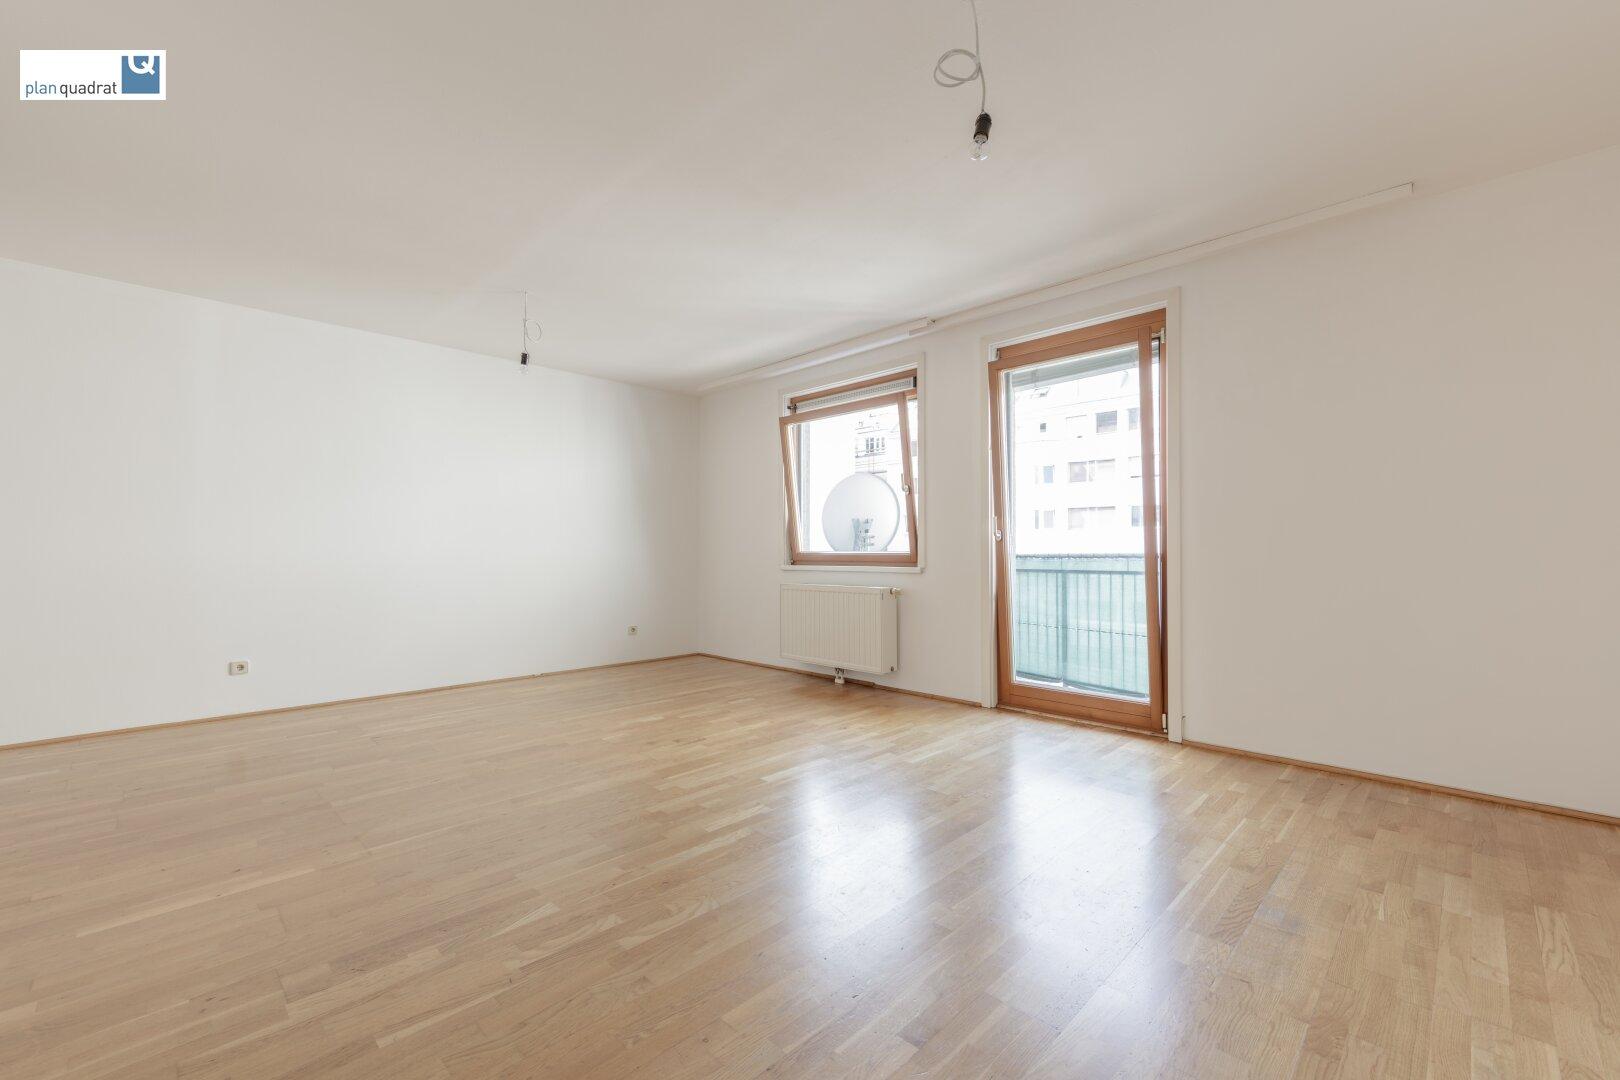 Wohn- / Schlafzimmer (ca. 26,70 m²) mit Ausgang zum Balkon